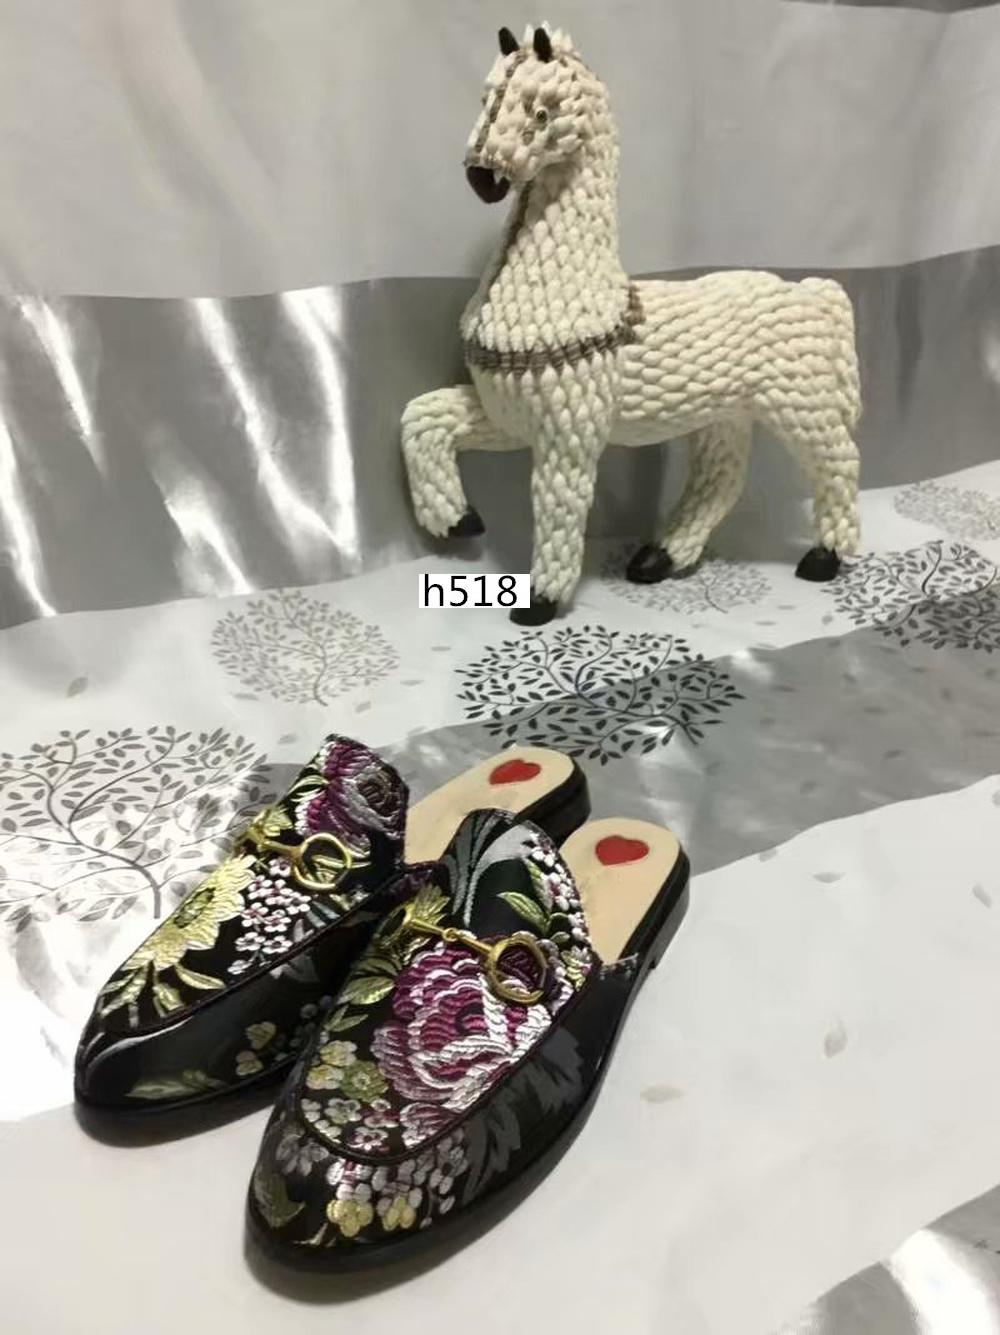 Großhandel Luxus 423513 Prince Designer Klassische rutschig Metallschnalle Strand Pantoffeln weich Faule shoesLovers Pantoffeln Größe 40